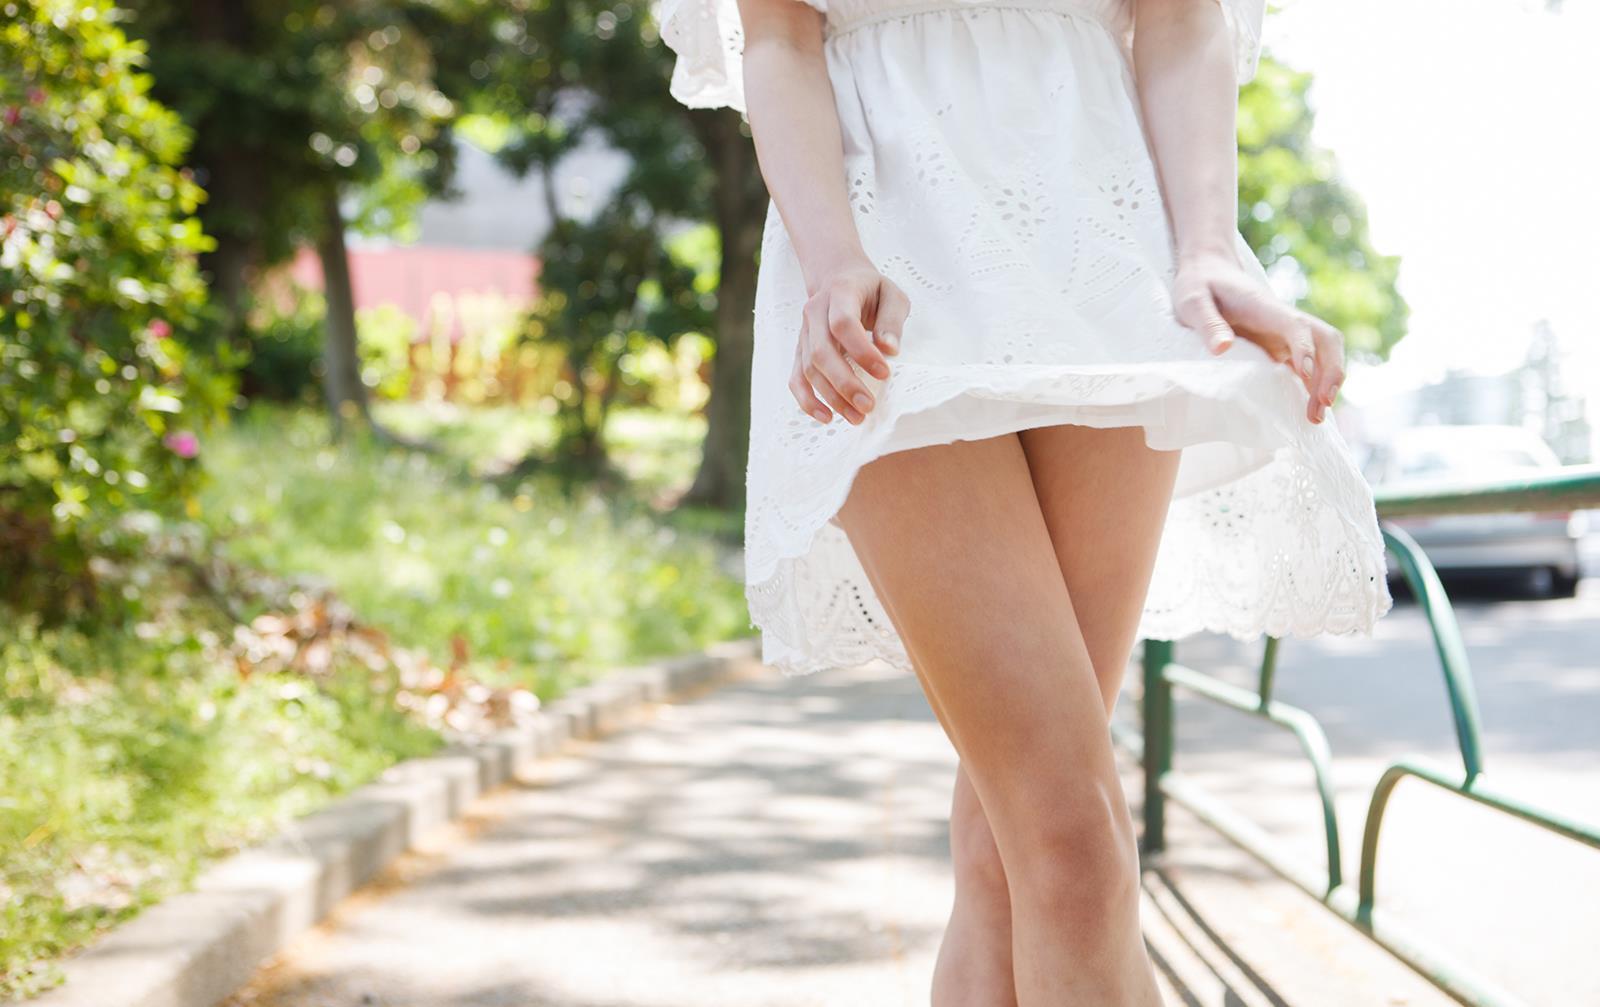 涼川絢音 Eカップ 手足の長い色白ロリ顔で美少女な着エロアイドルAV女優画像 107枚 No.61